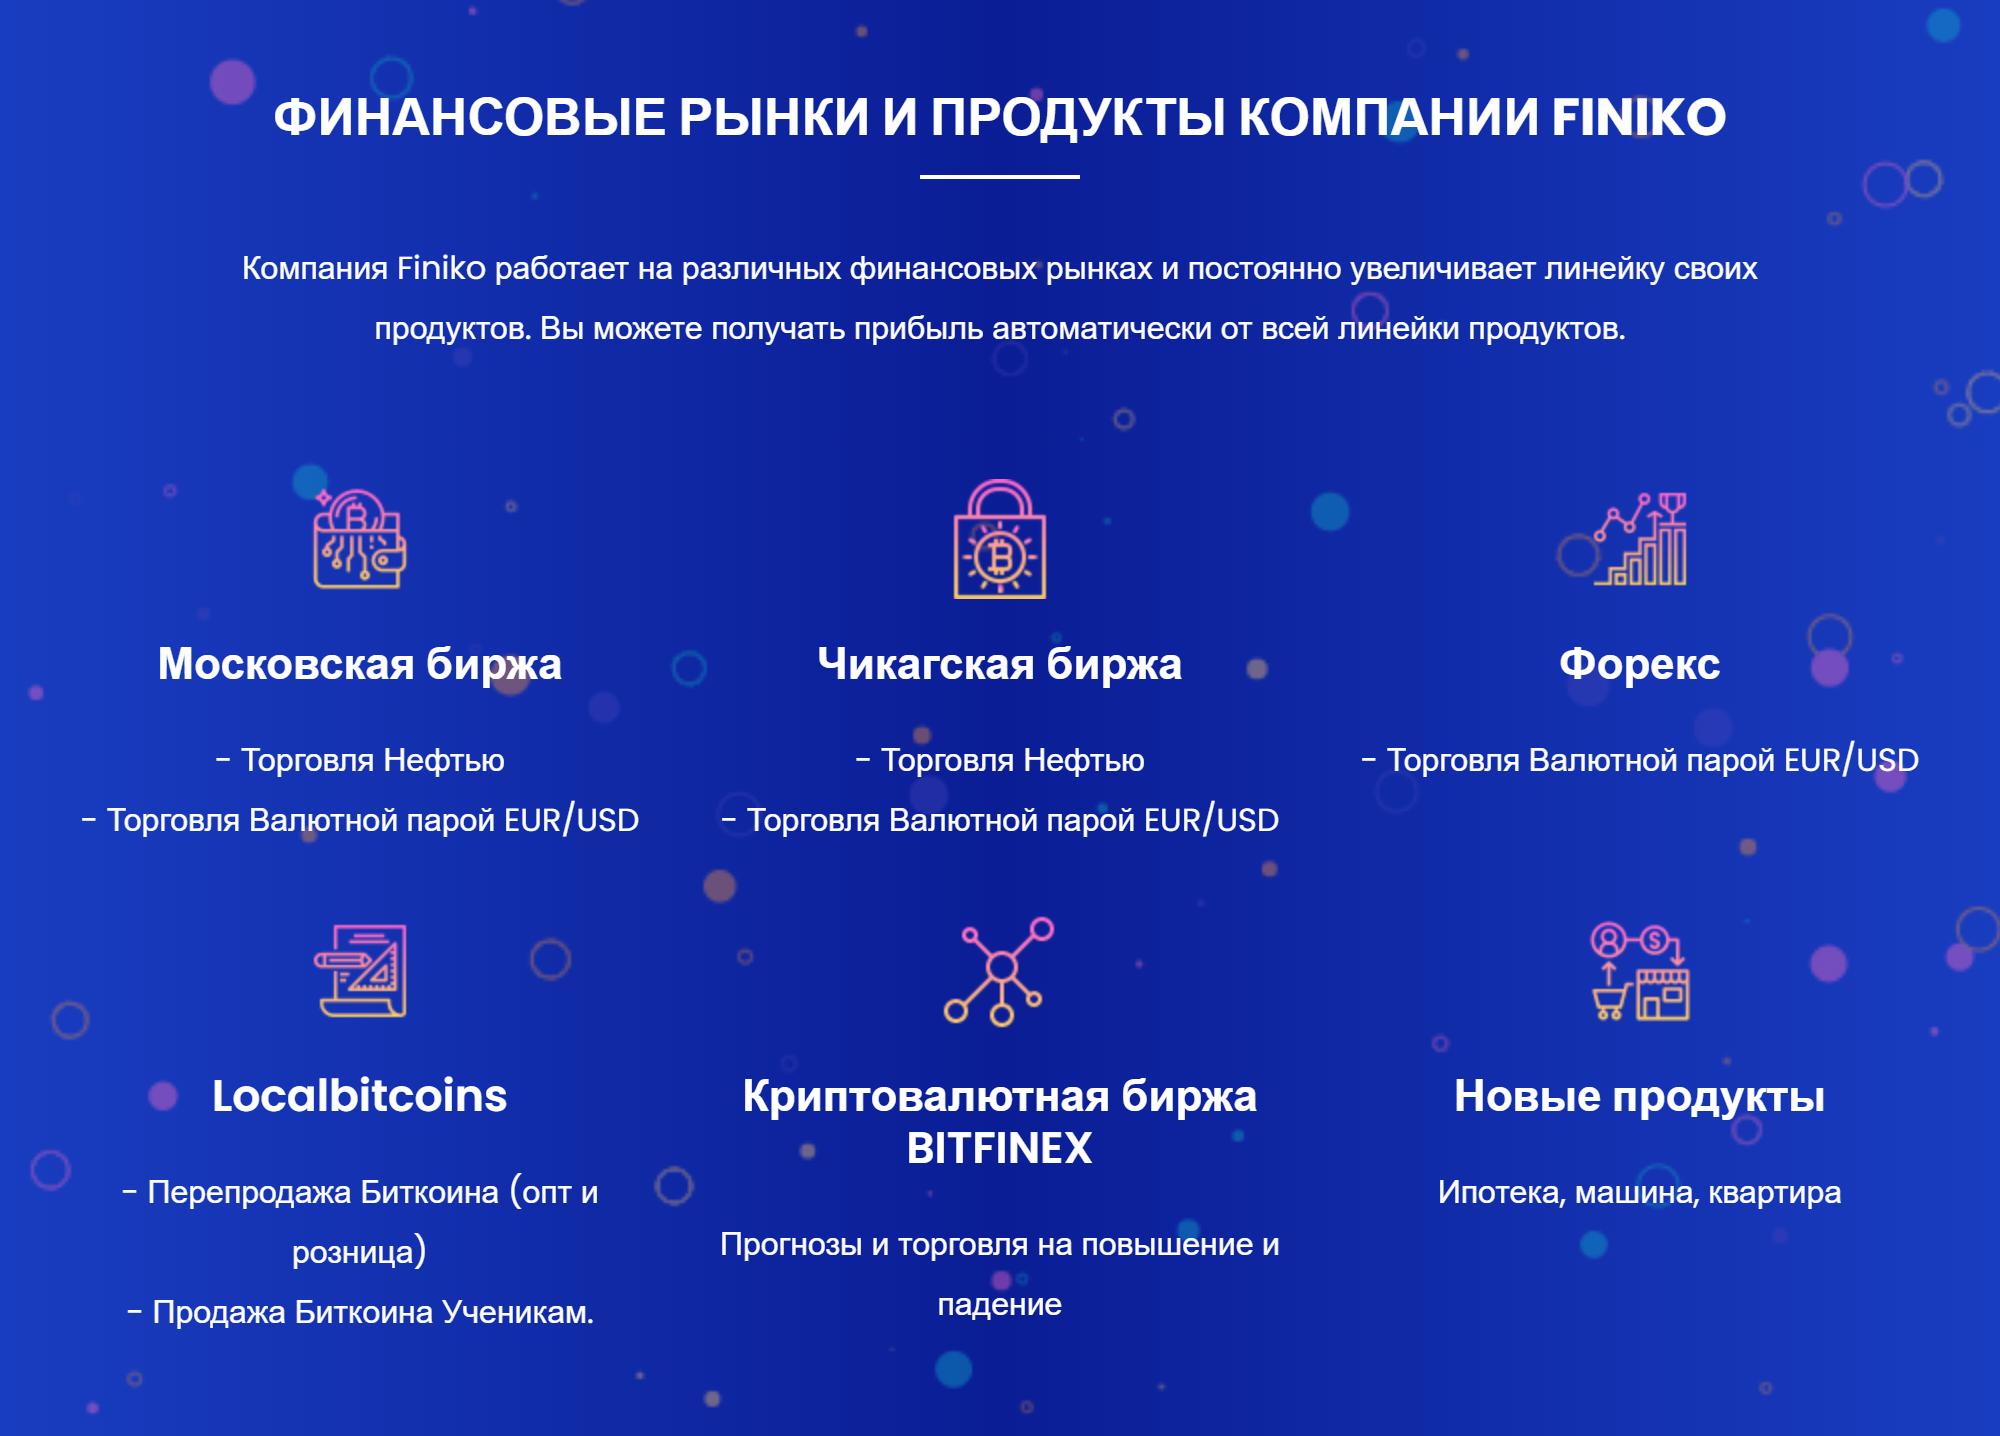 На сайте finiko.pro «Финико» пишет, чтоработает наразных финансовых рынках